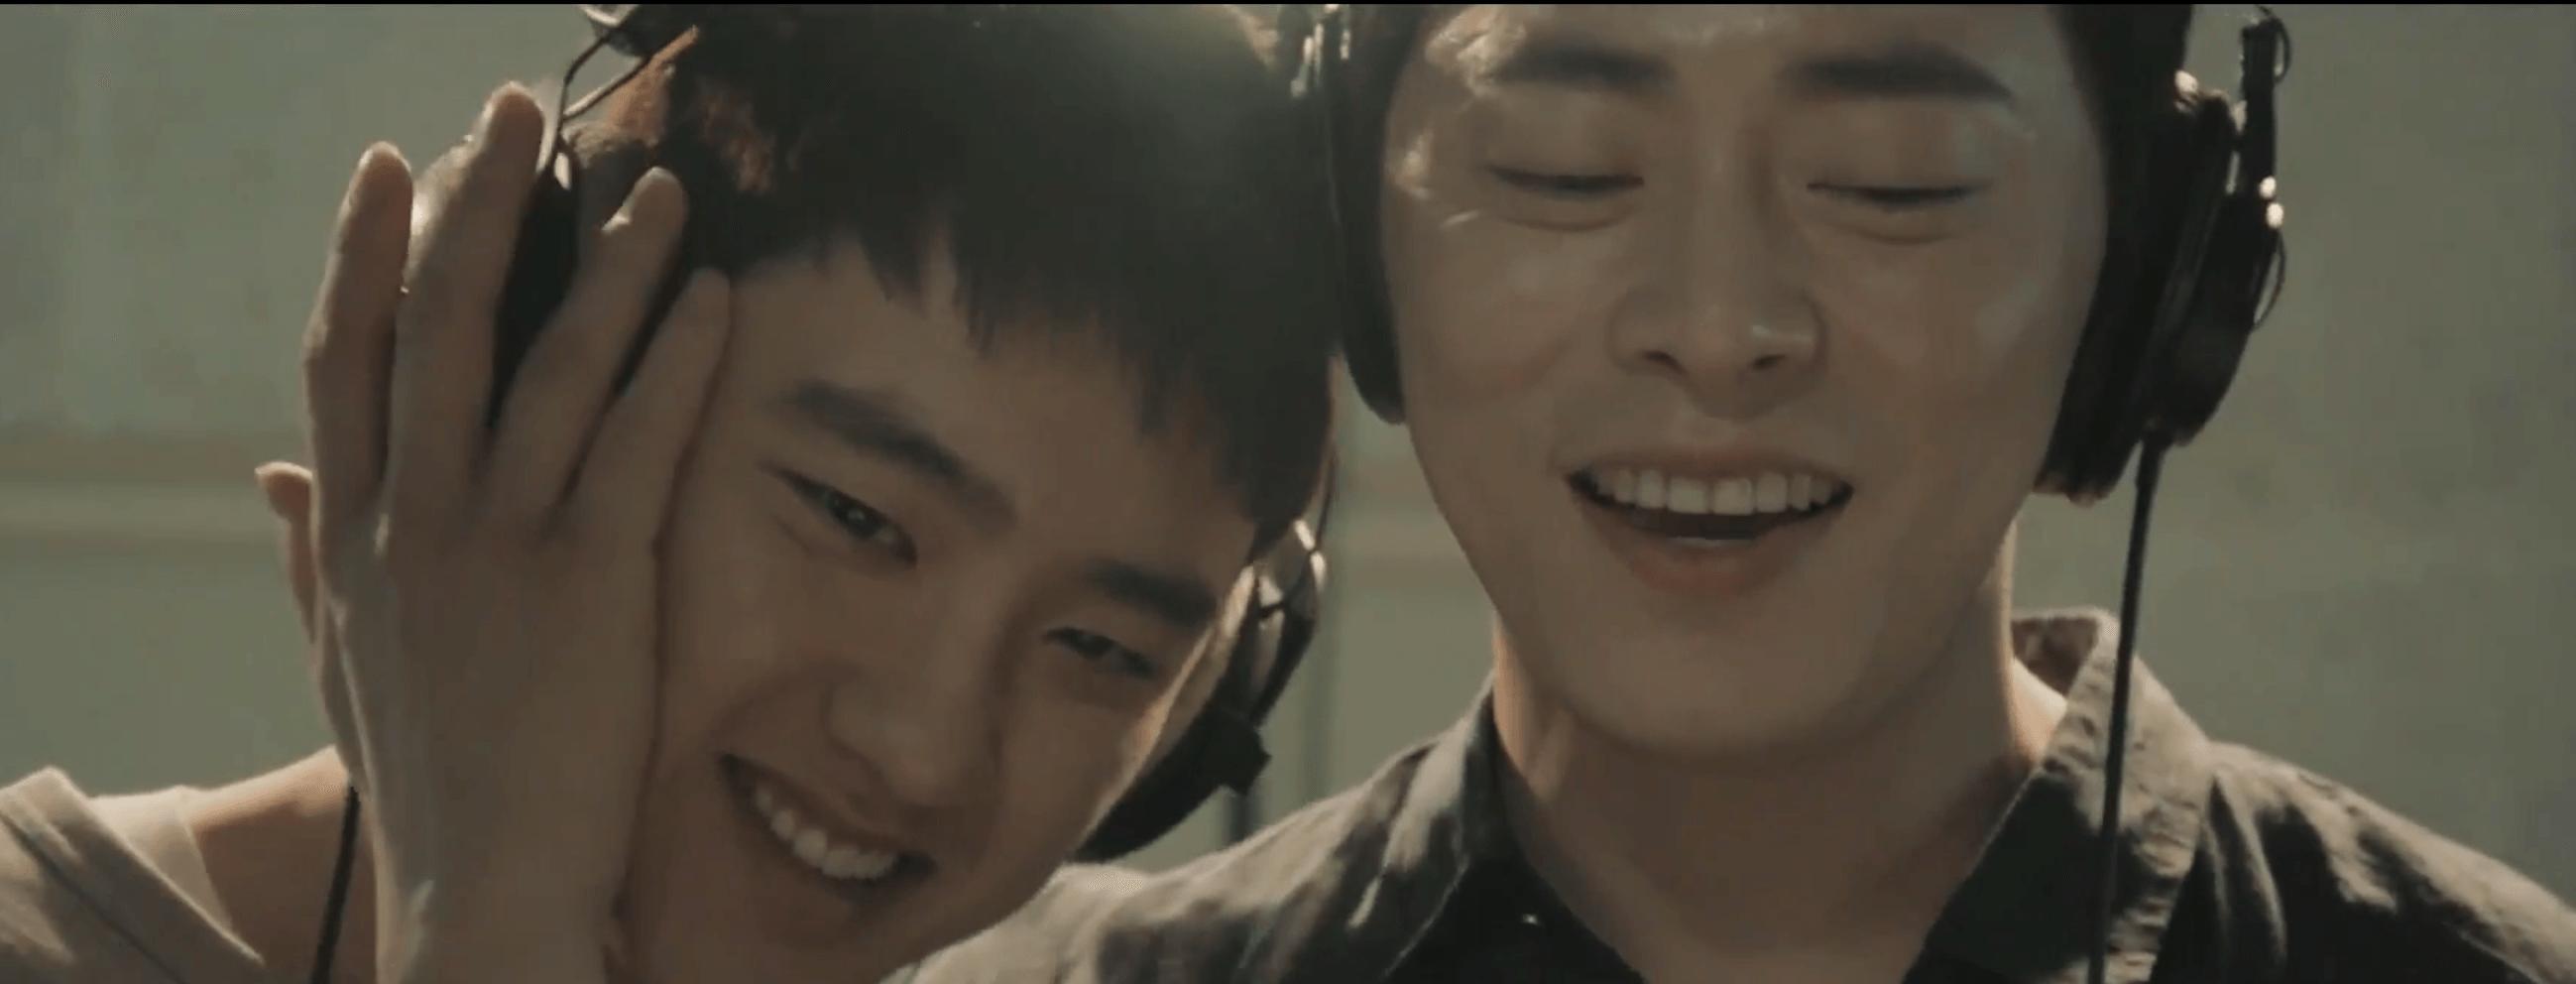 """de EXO DO & Jo Jung Suk cantar para """"No se preocupe"""" canción de """"Hyung"""" Película / TongTongTV"""